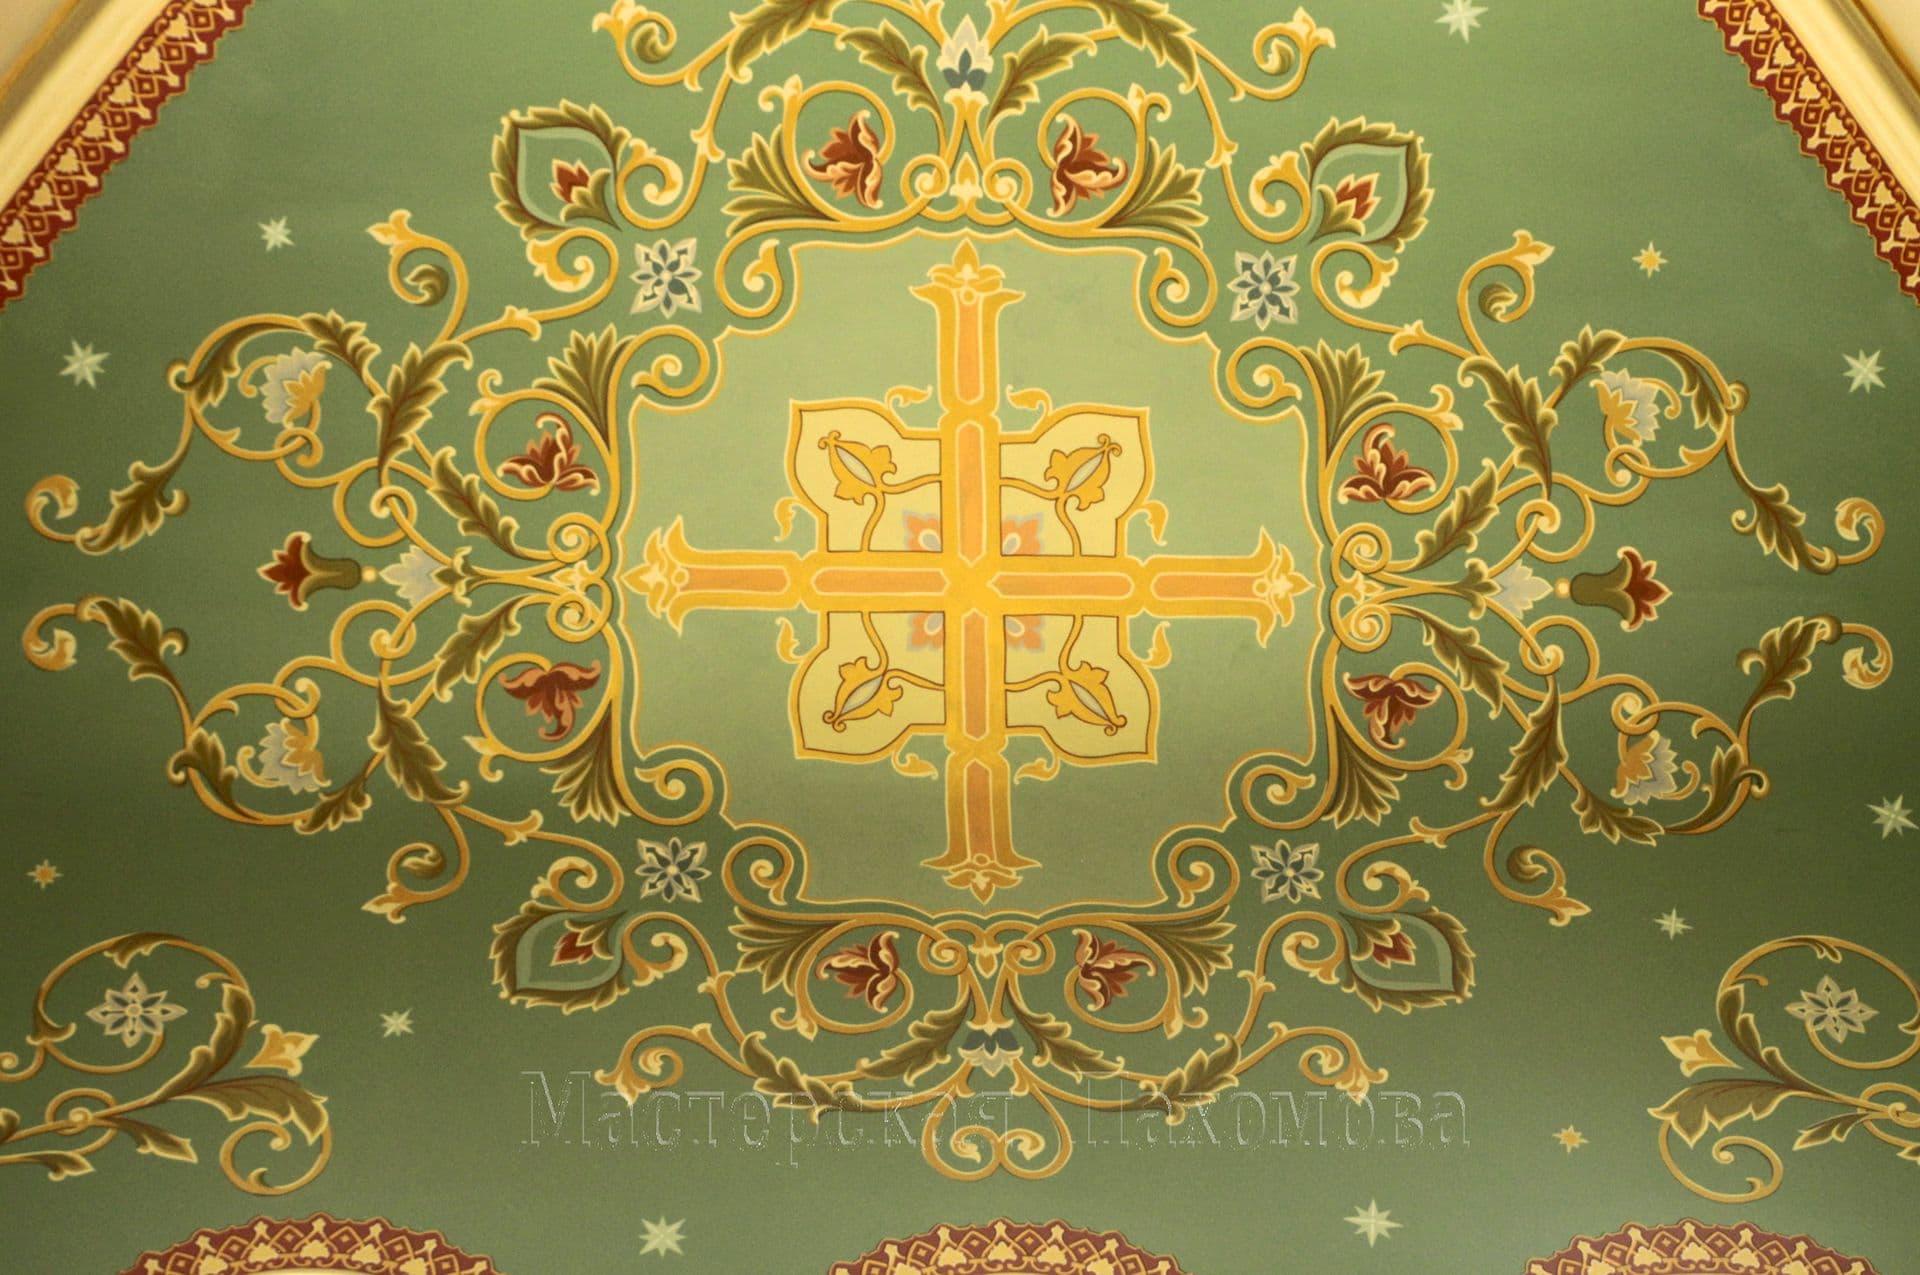 Украшение храма - растительный орнамент. Роспись храмов, церквей и соборов